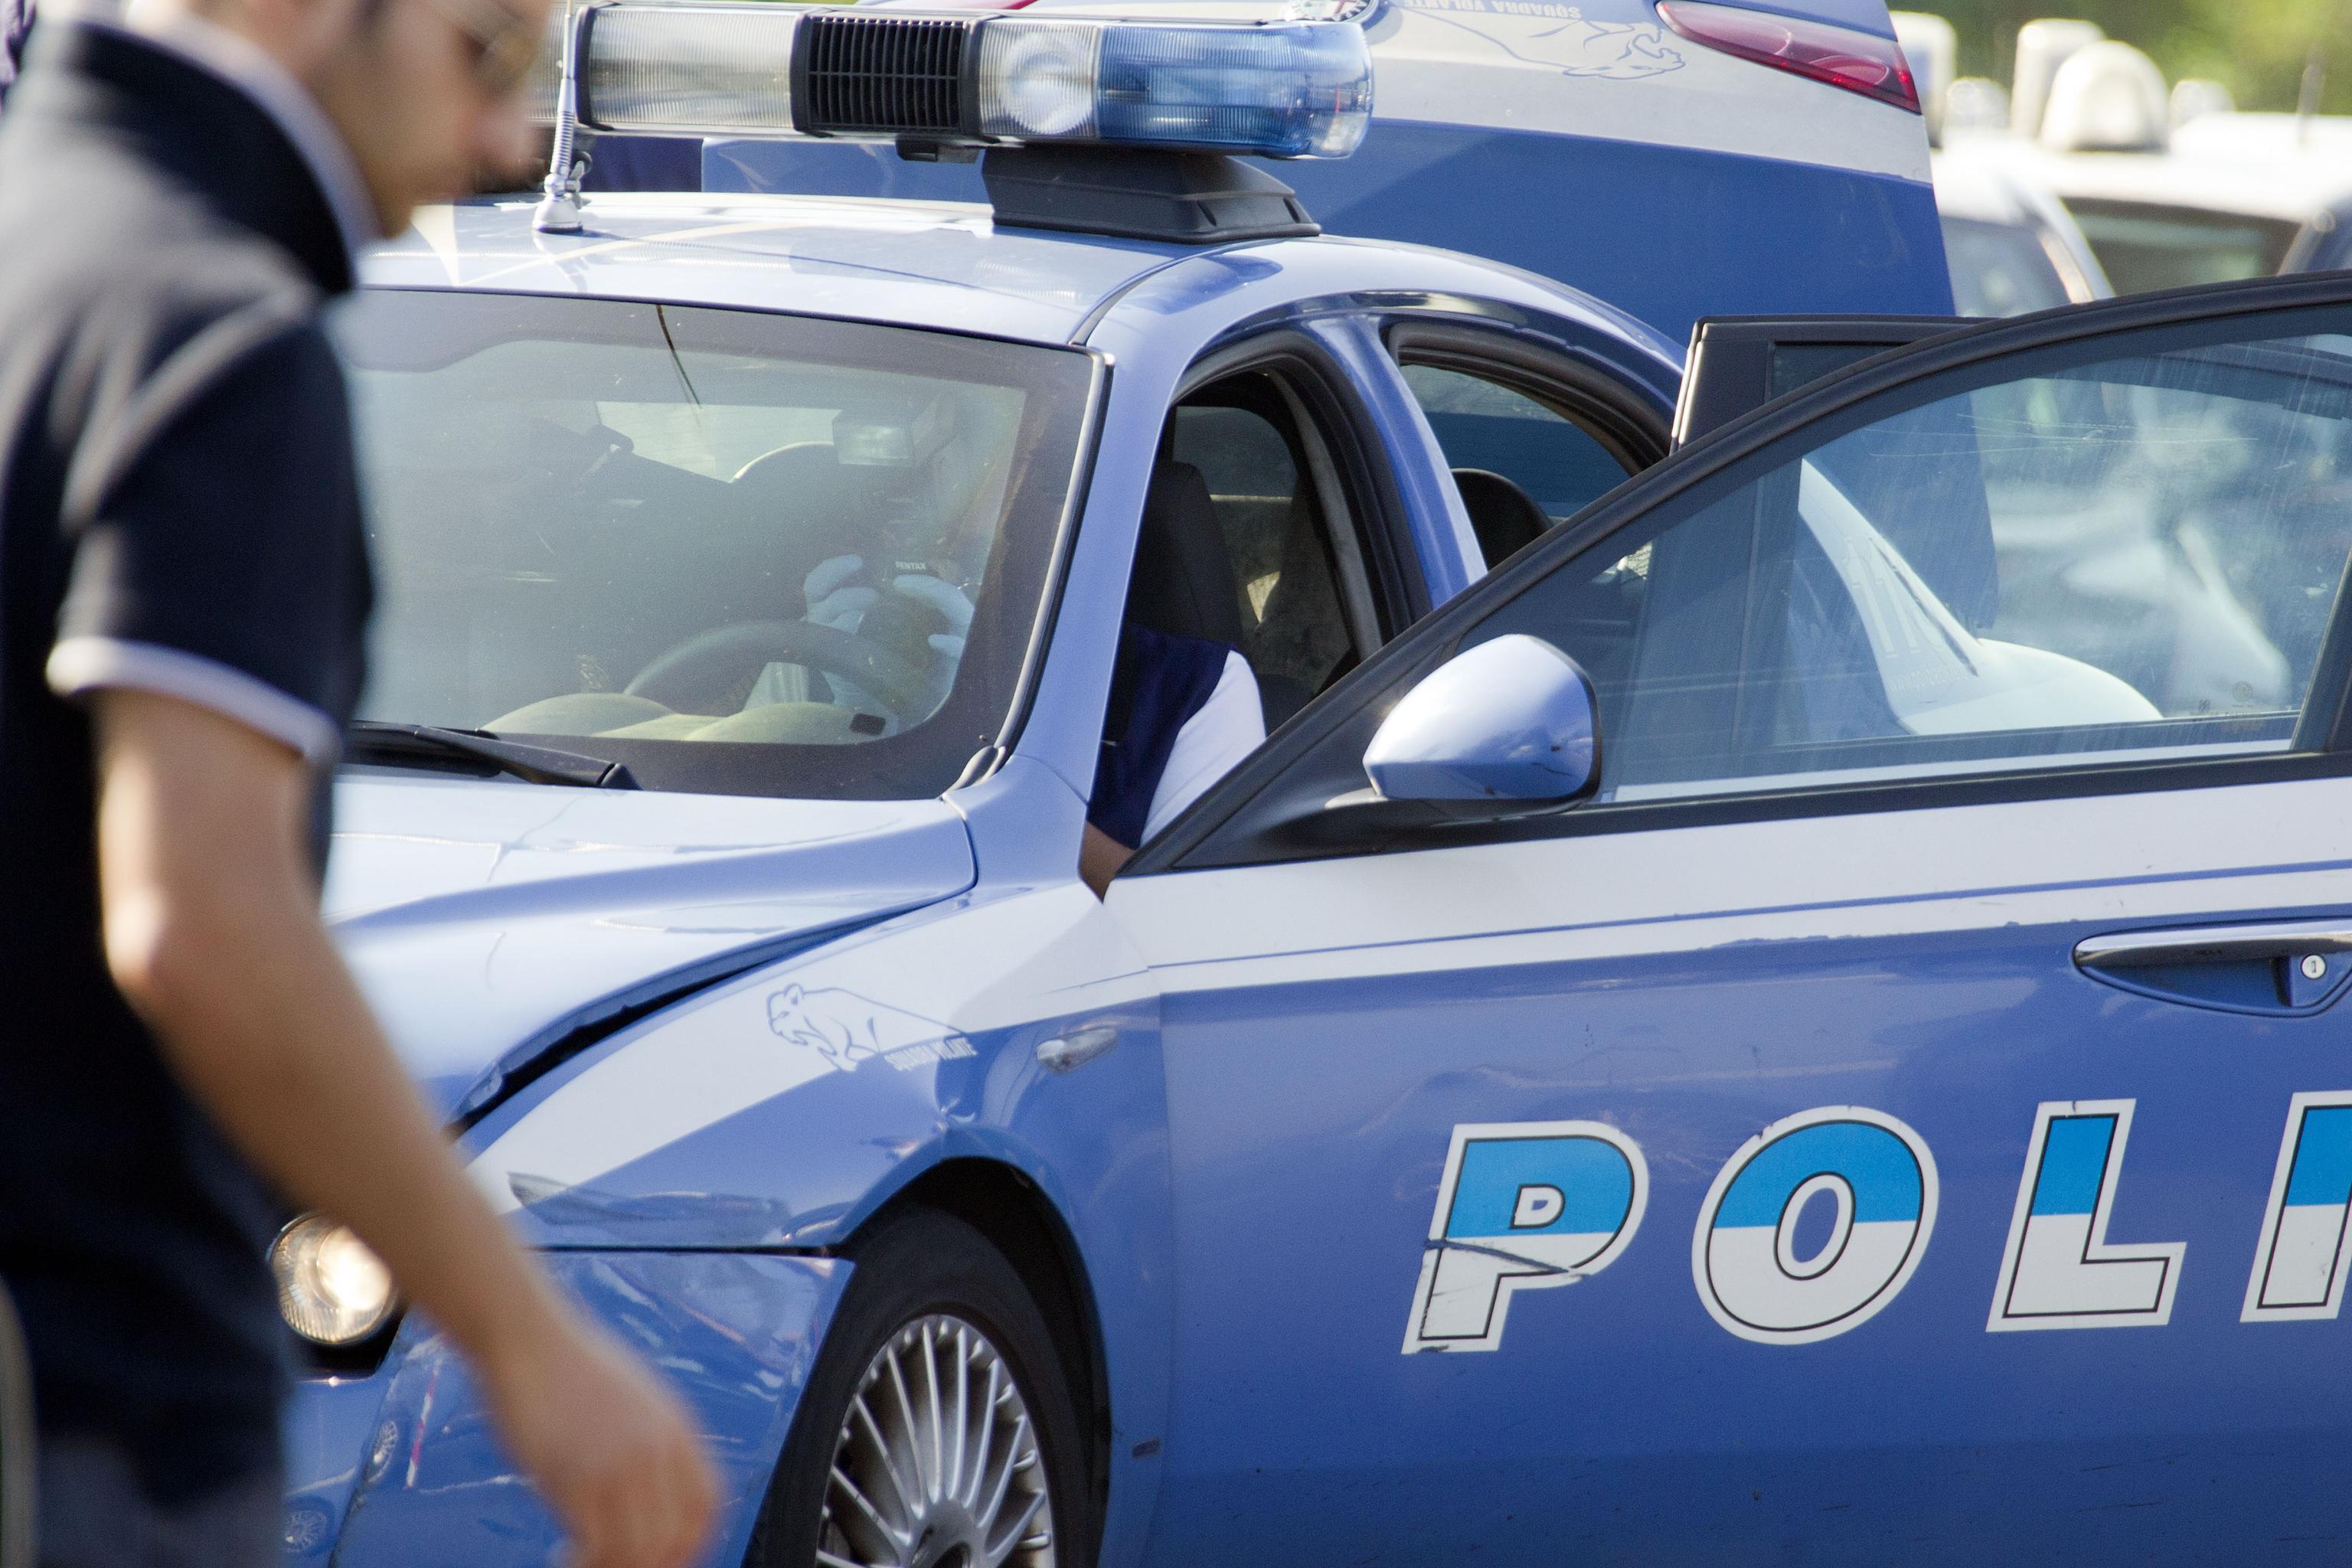 Tentata violenza sessuale a bambina di 11 anni: fermato tunisino